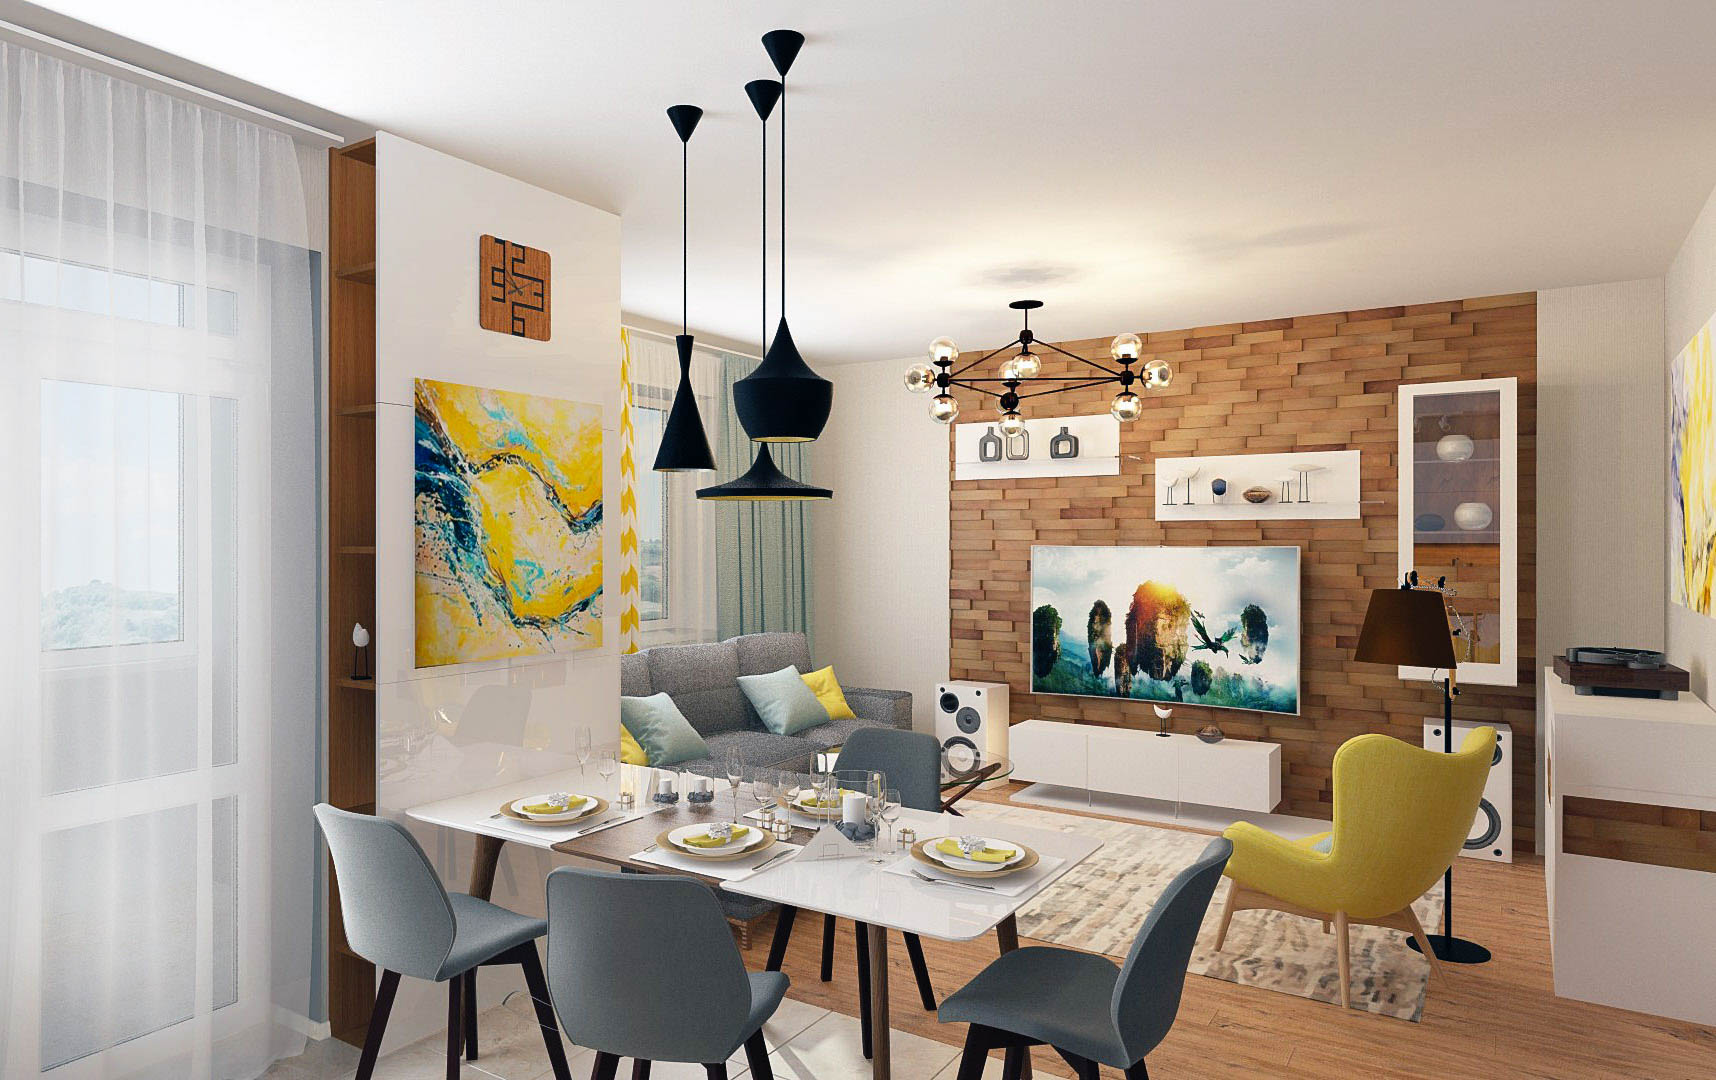 Сколько стоит ремонт двухкомнатной квартиры в Казани: цена